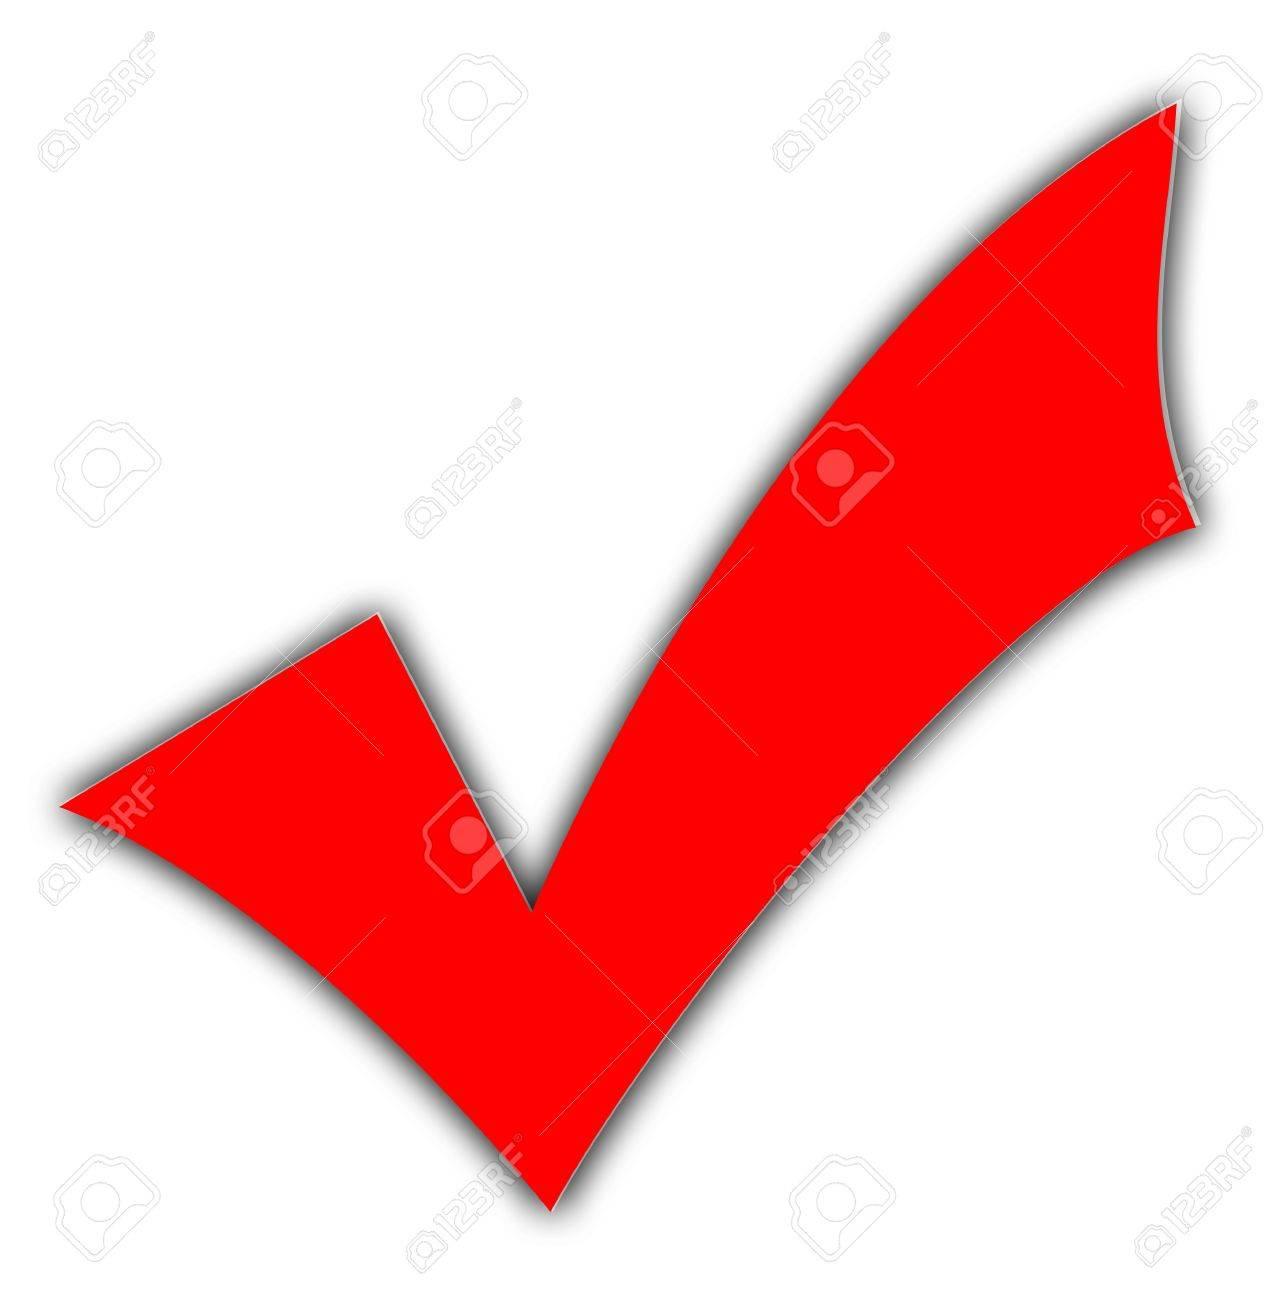 Red Tick Oder Häkchen Auf Weißen Hintergrund Isoliert Lizenzfreie